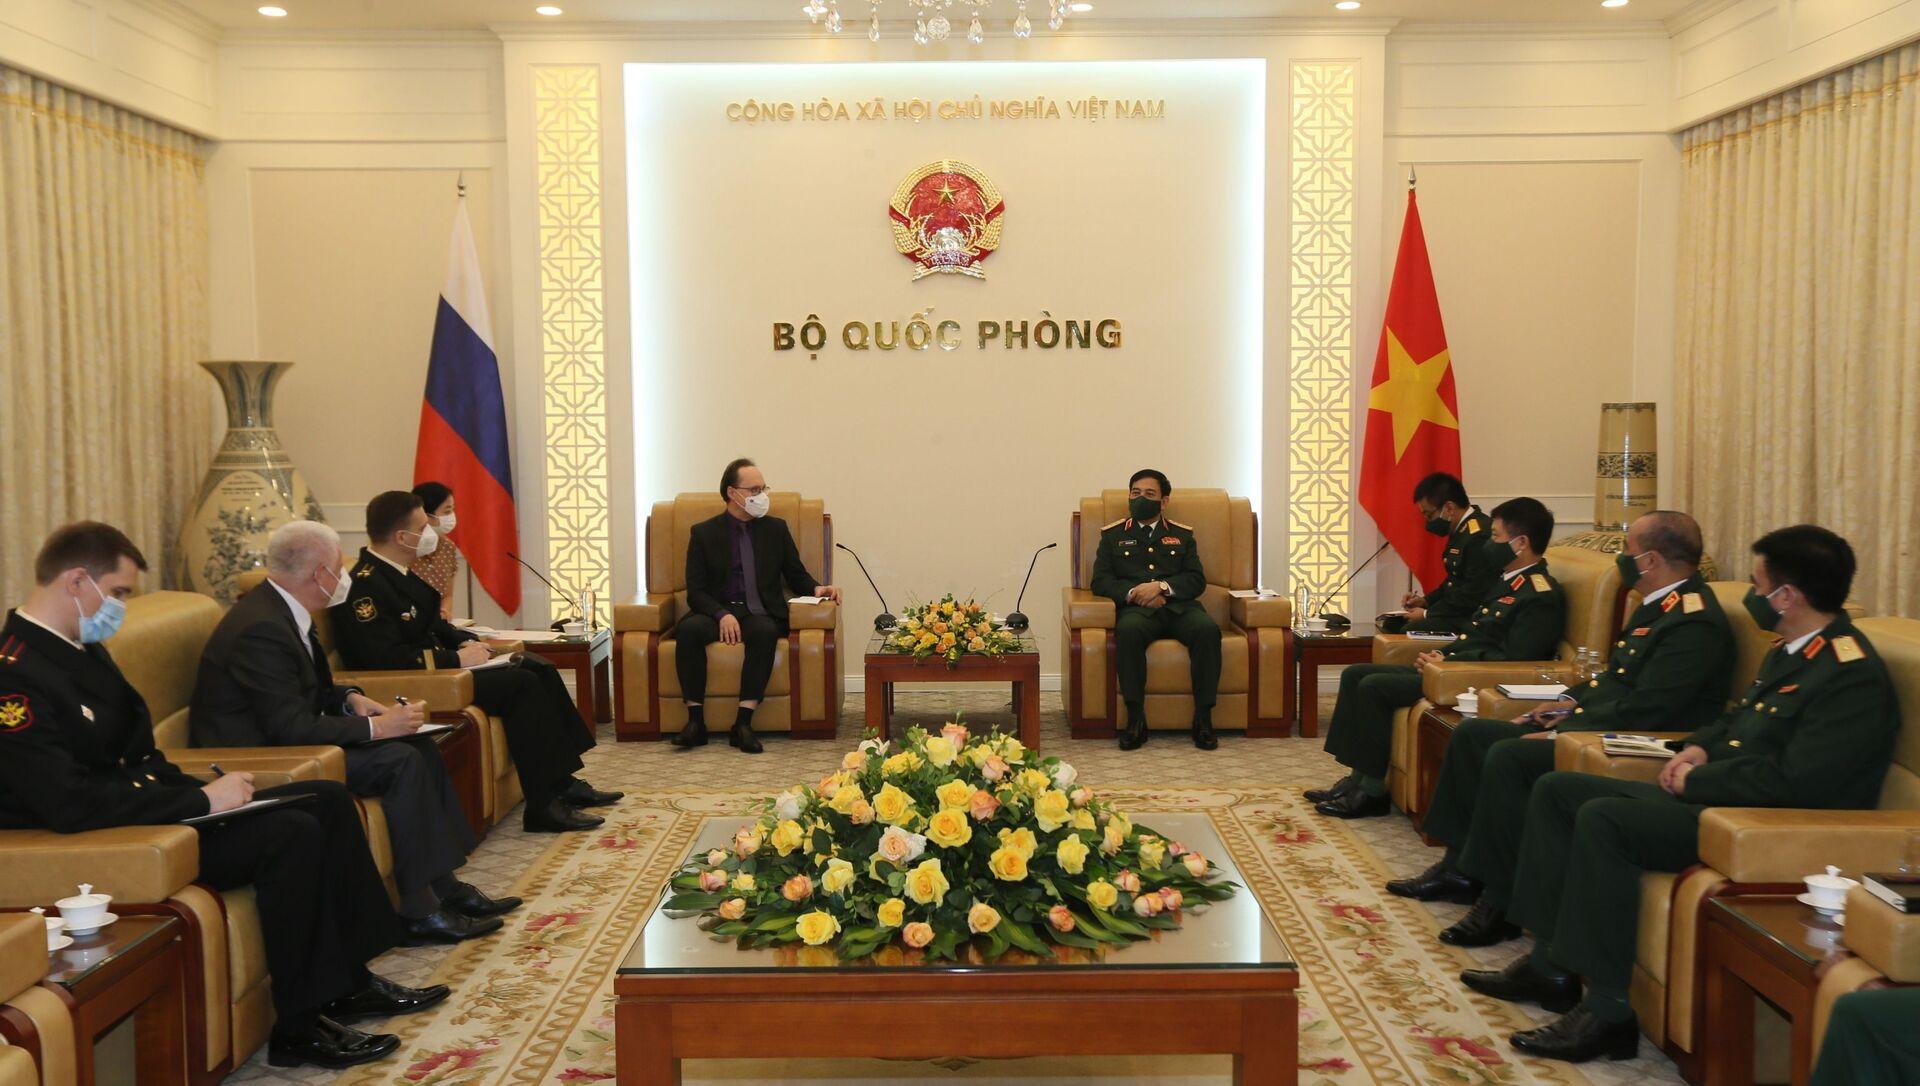 Bộ trưởng Bộ Quốc phòng tiếp Đại sứ Liên bang Nga tại Việt Nam. - Sputnik Việt Nam, 1920, 04.08.2021